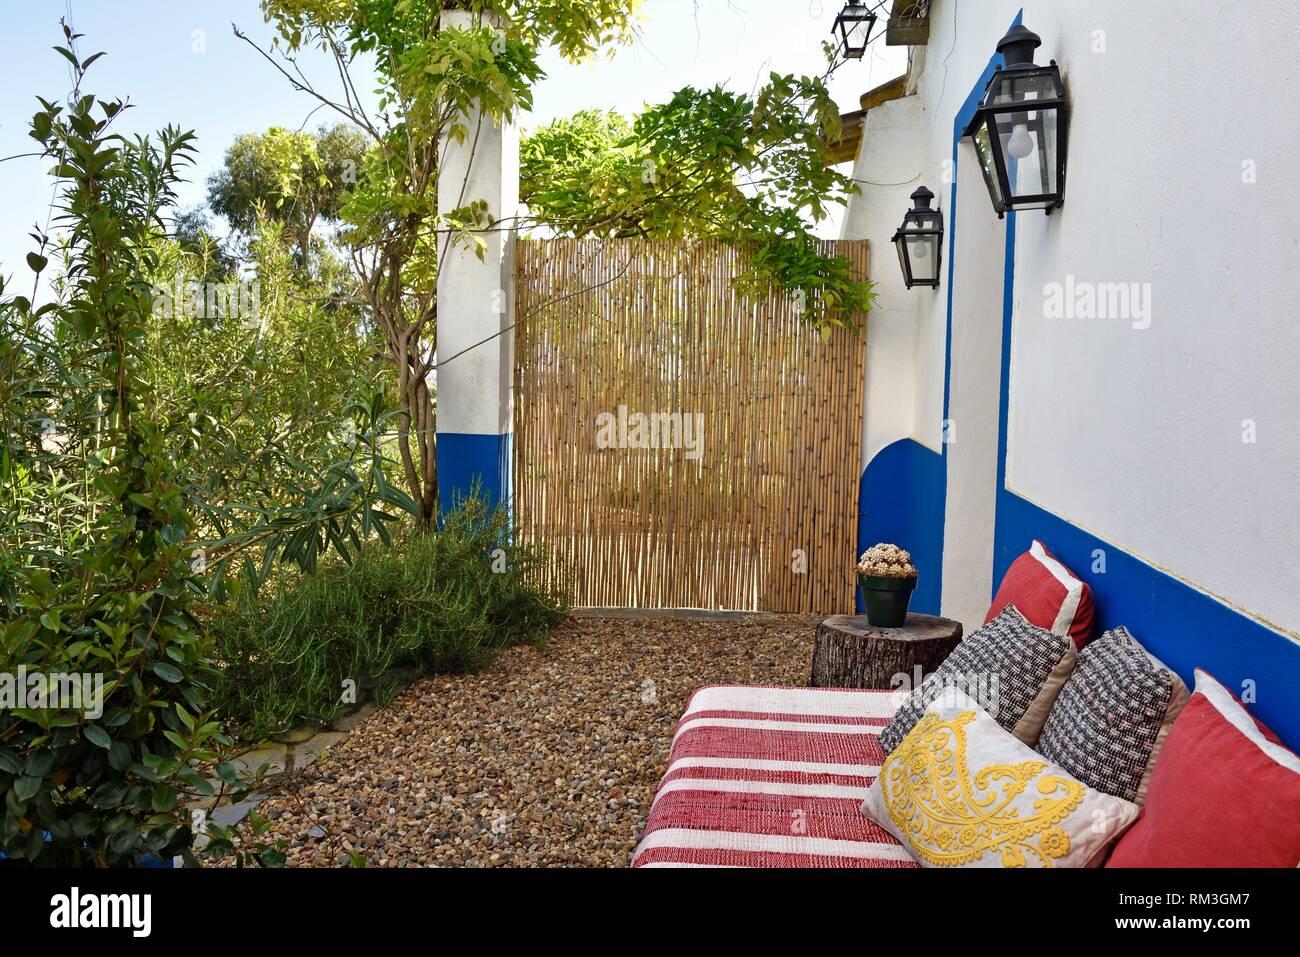 Salon extérieur, Vale do Manantio Moura, immobilier, région de l'Alentejo, Portugal, southwertern l'Europe. Photo Stock